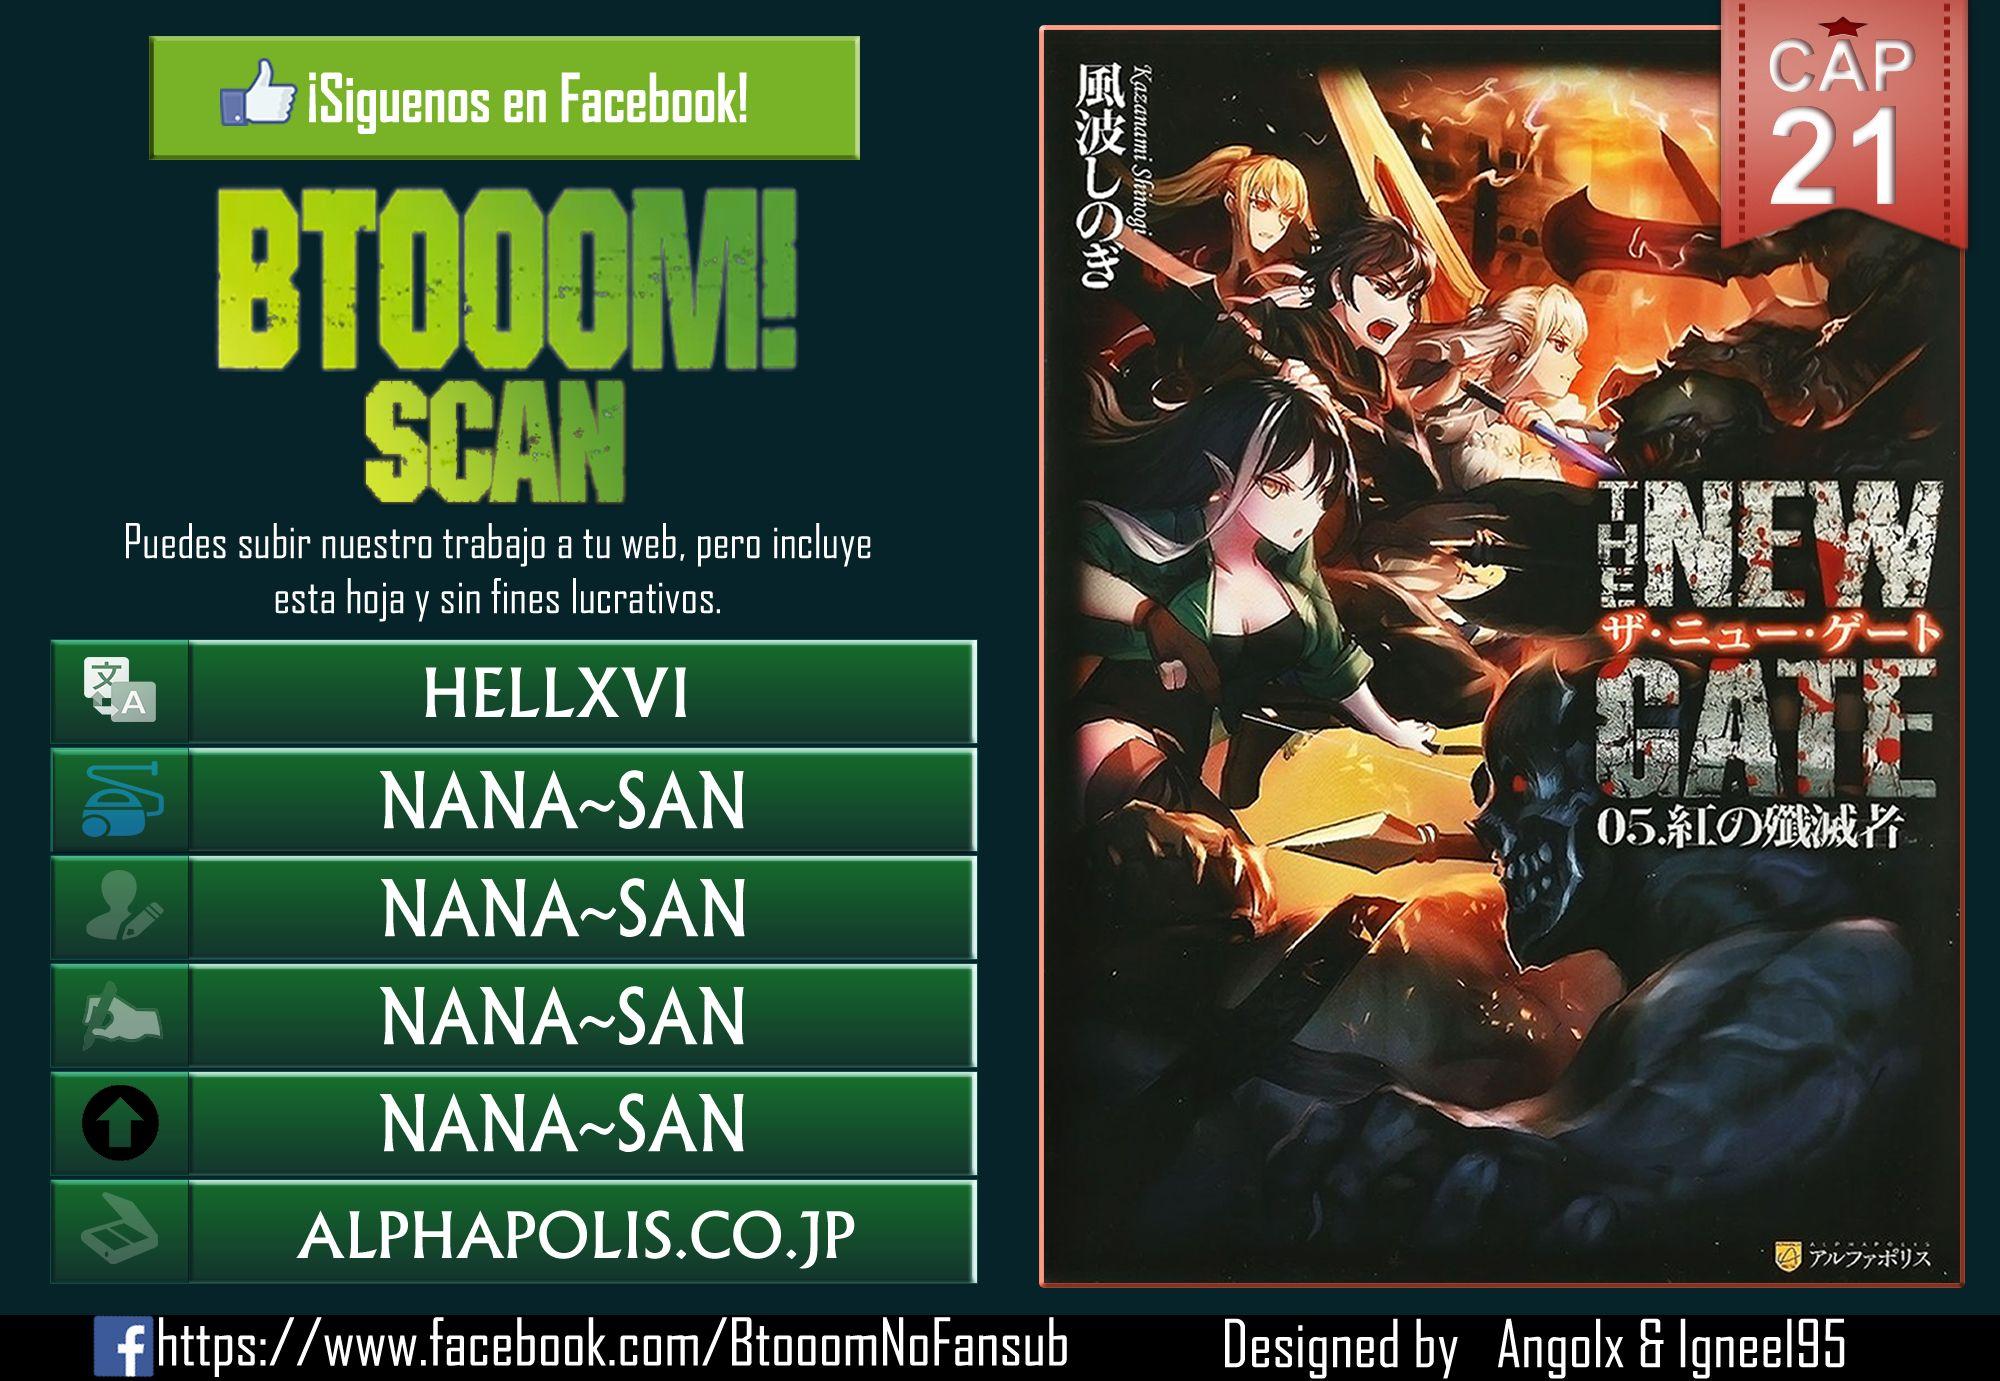 https://c5.ninemanga.com/es_manga/pic2/27/14747/506422/26e87ce3ffff8cab875cc01616fad7ed.jpg Page 1